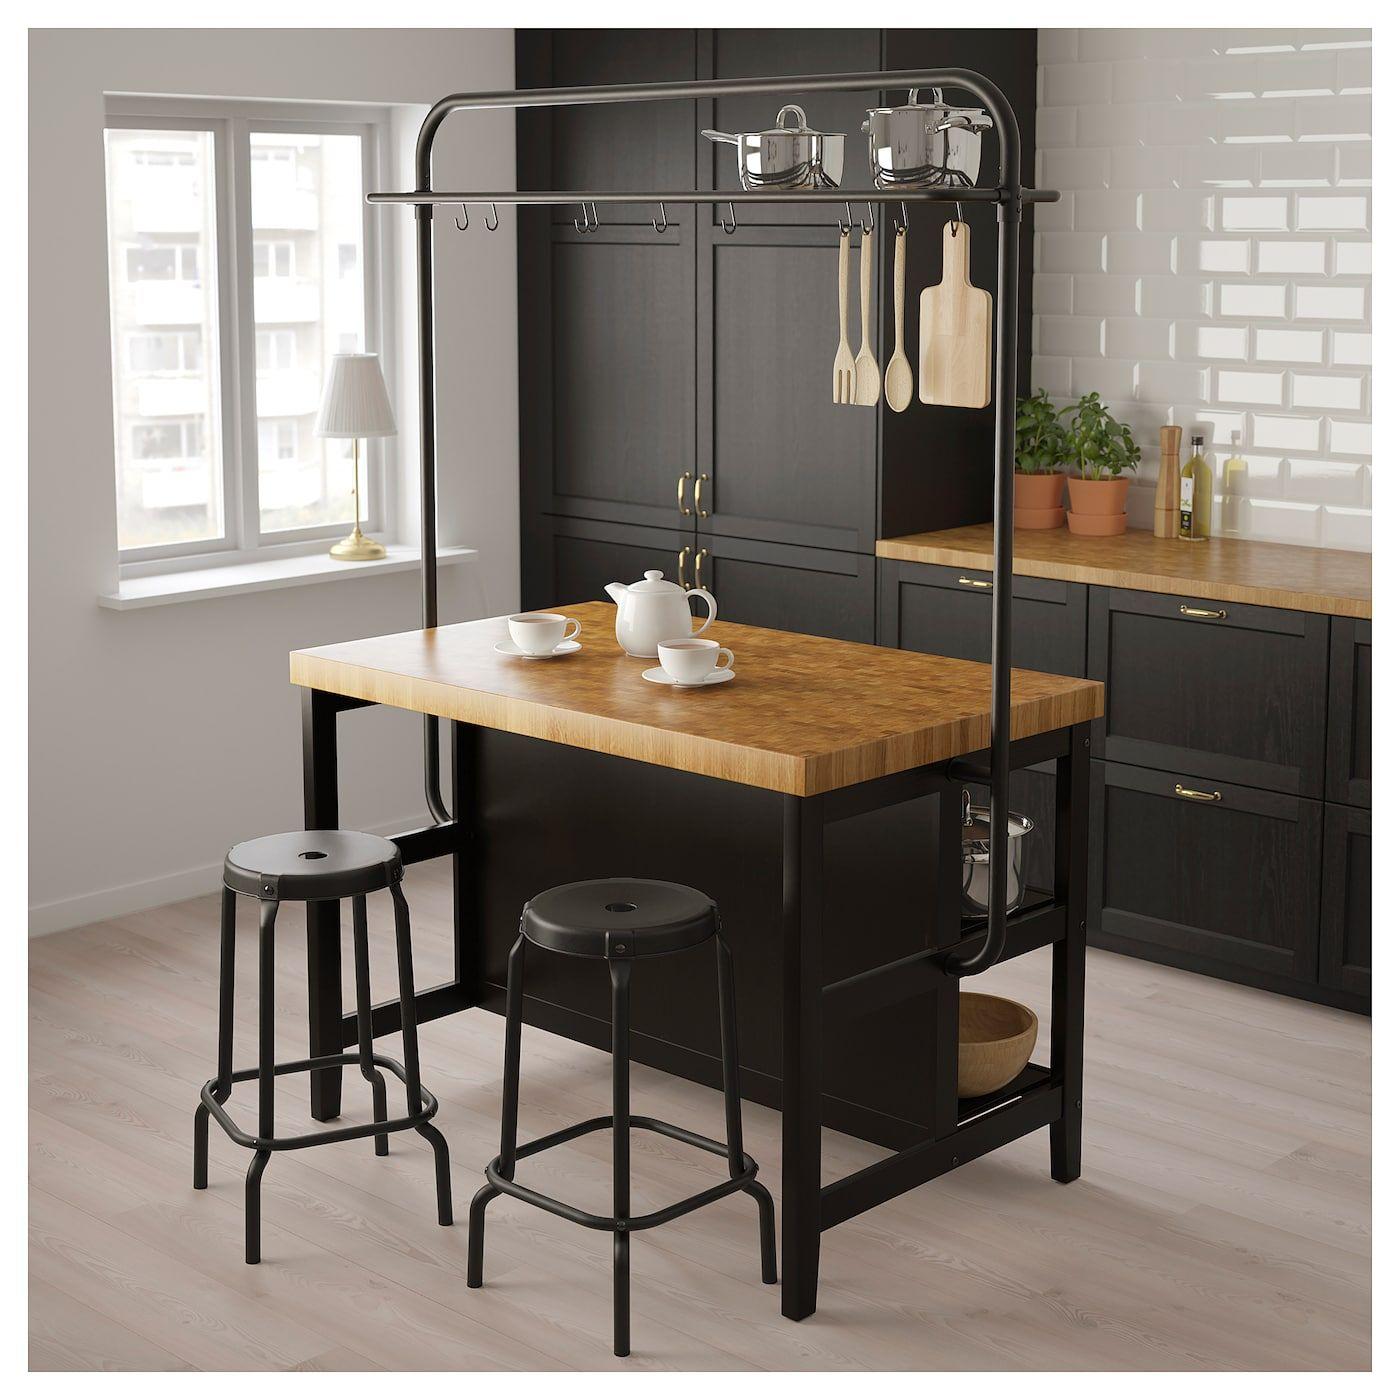 Vadholma Kitchen Island With Rack Black Oak Ikea Diseno Muebles De Cocina Diseno De Cocina Cocina Estilo Industrial